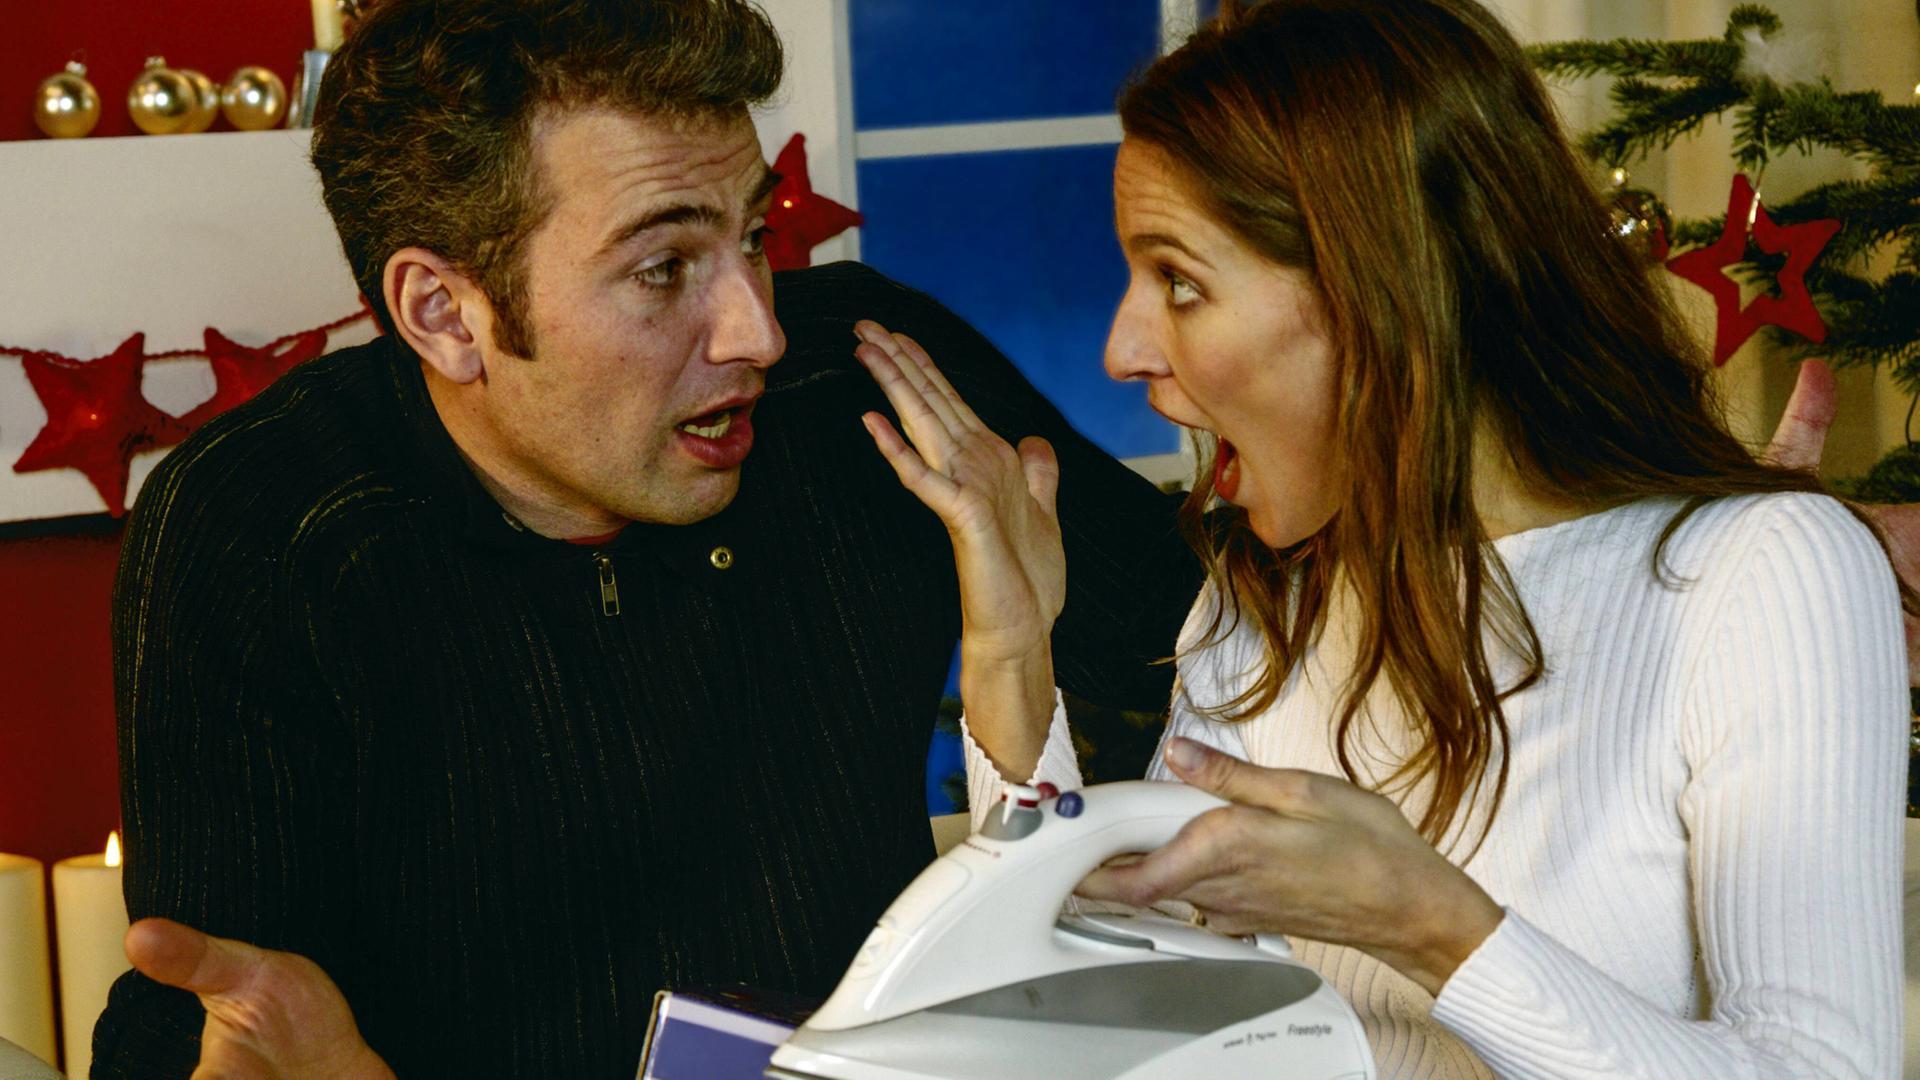 Beziehungsstress an Weihnachten: \